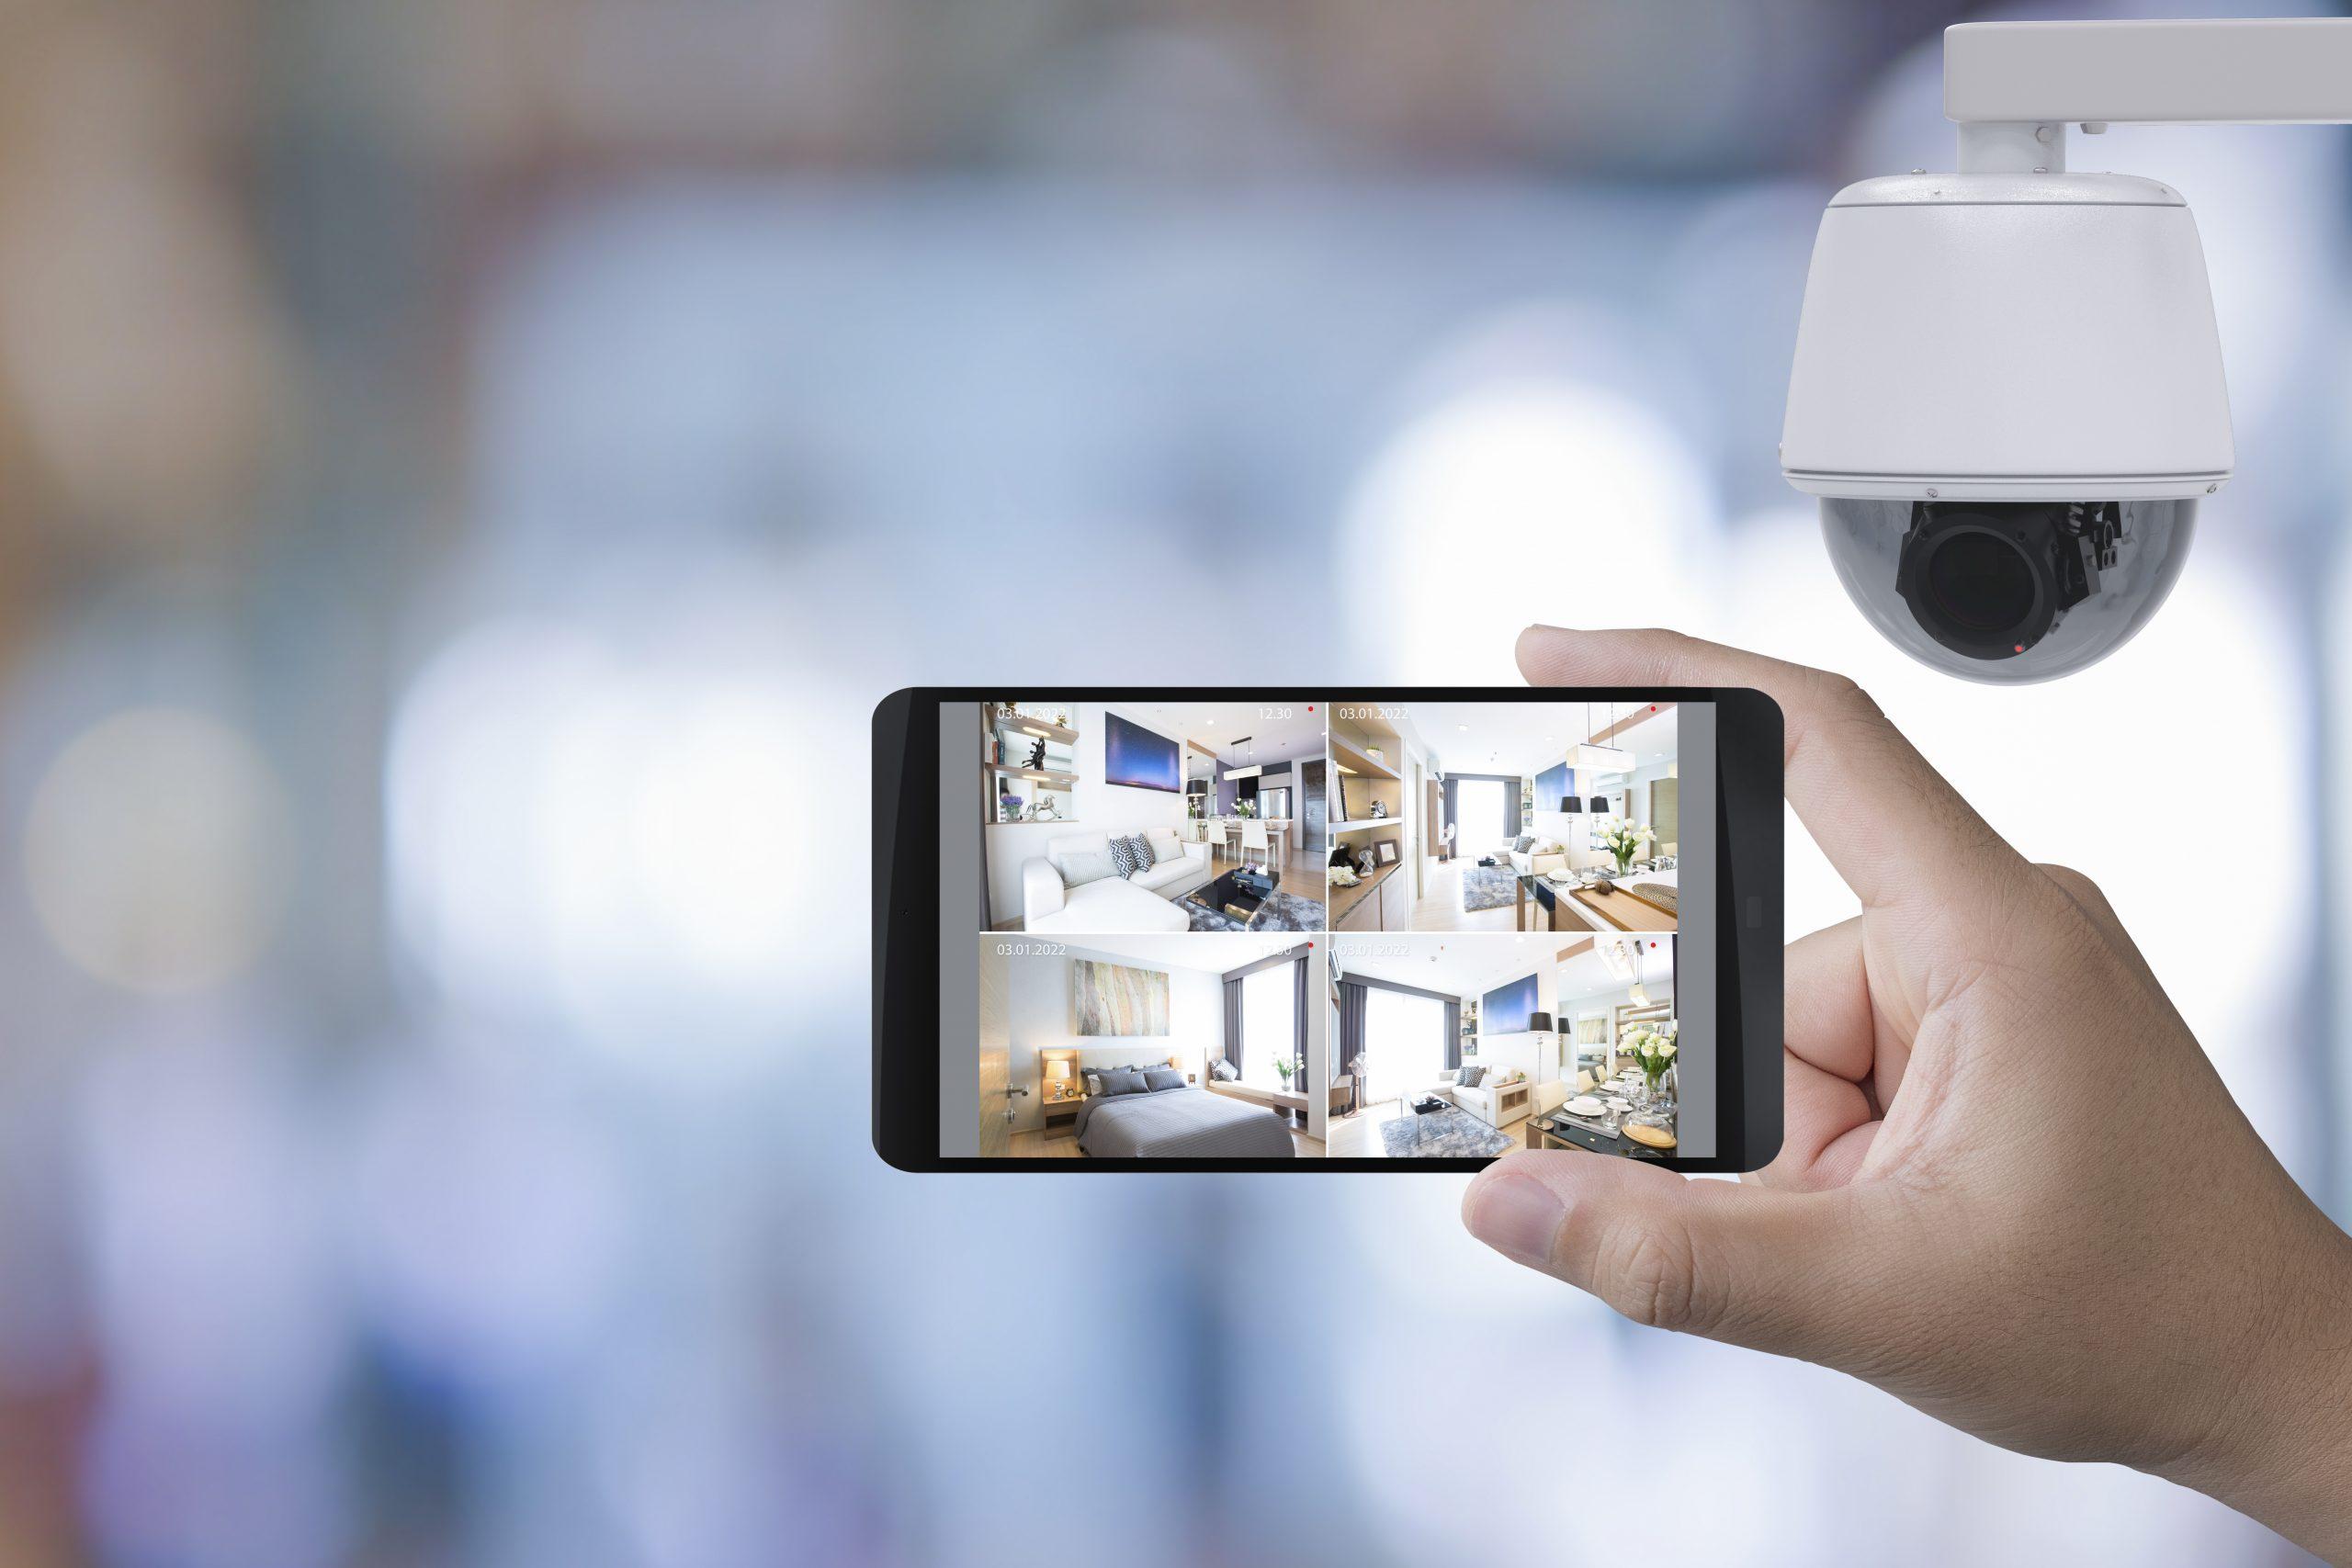 Überwachungskamera mit Monitor: Test & Empfehlungen (9/9